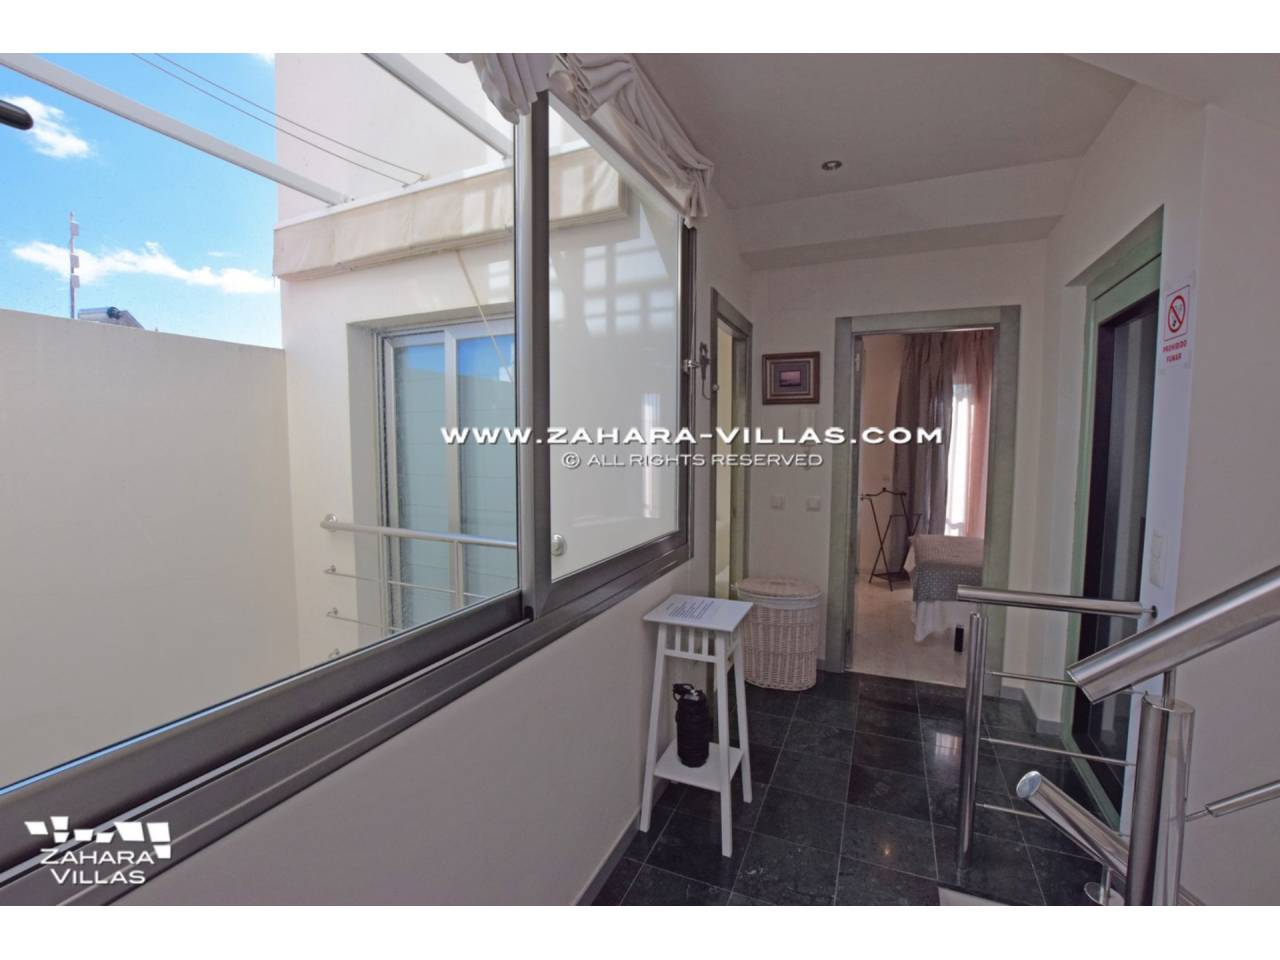 Imagen 3 de House for sale in Zahara de los Atunes